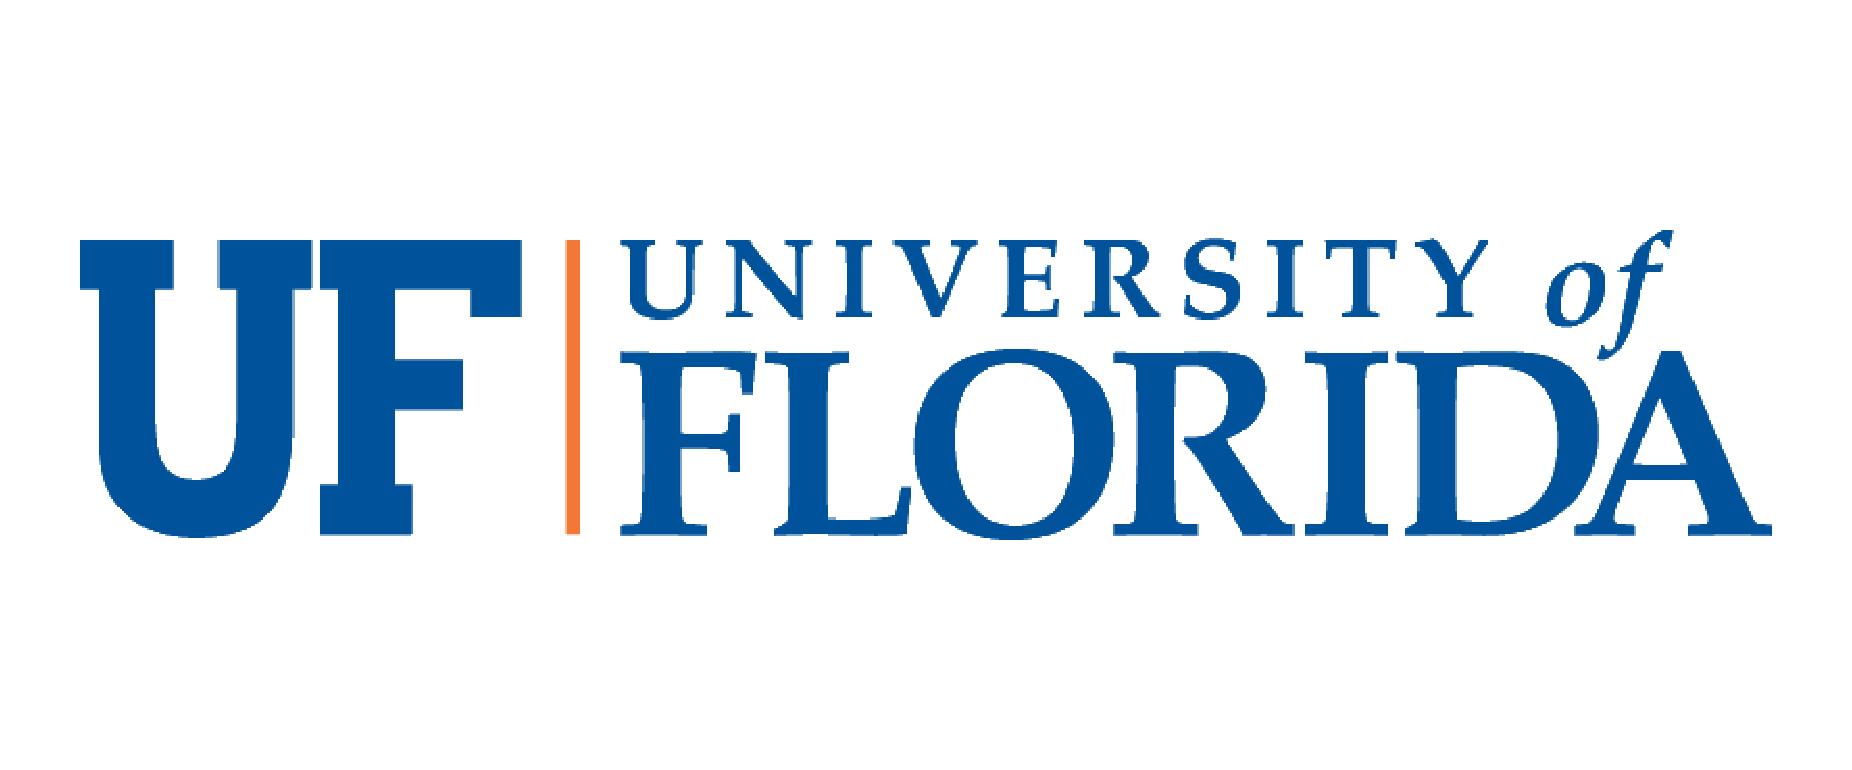 universityofflorida.png